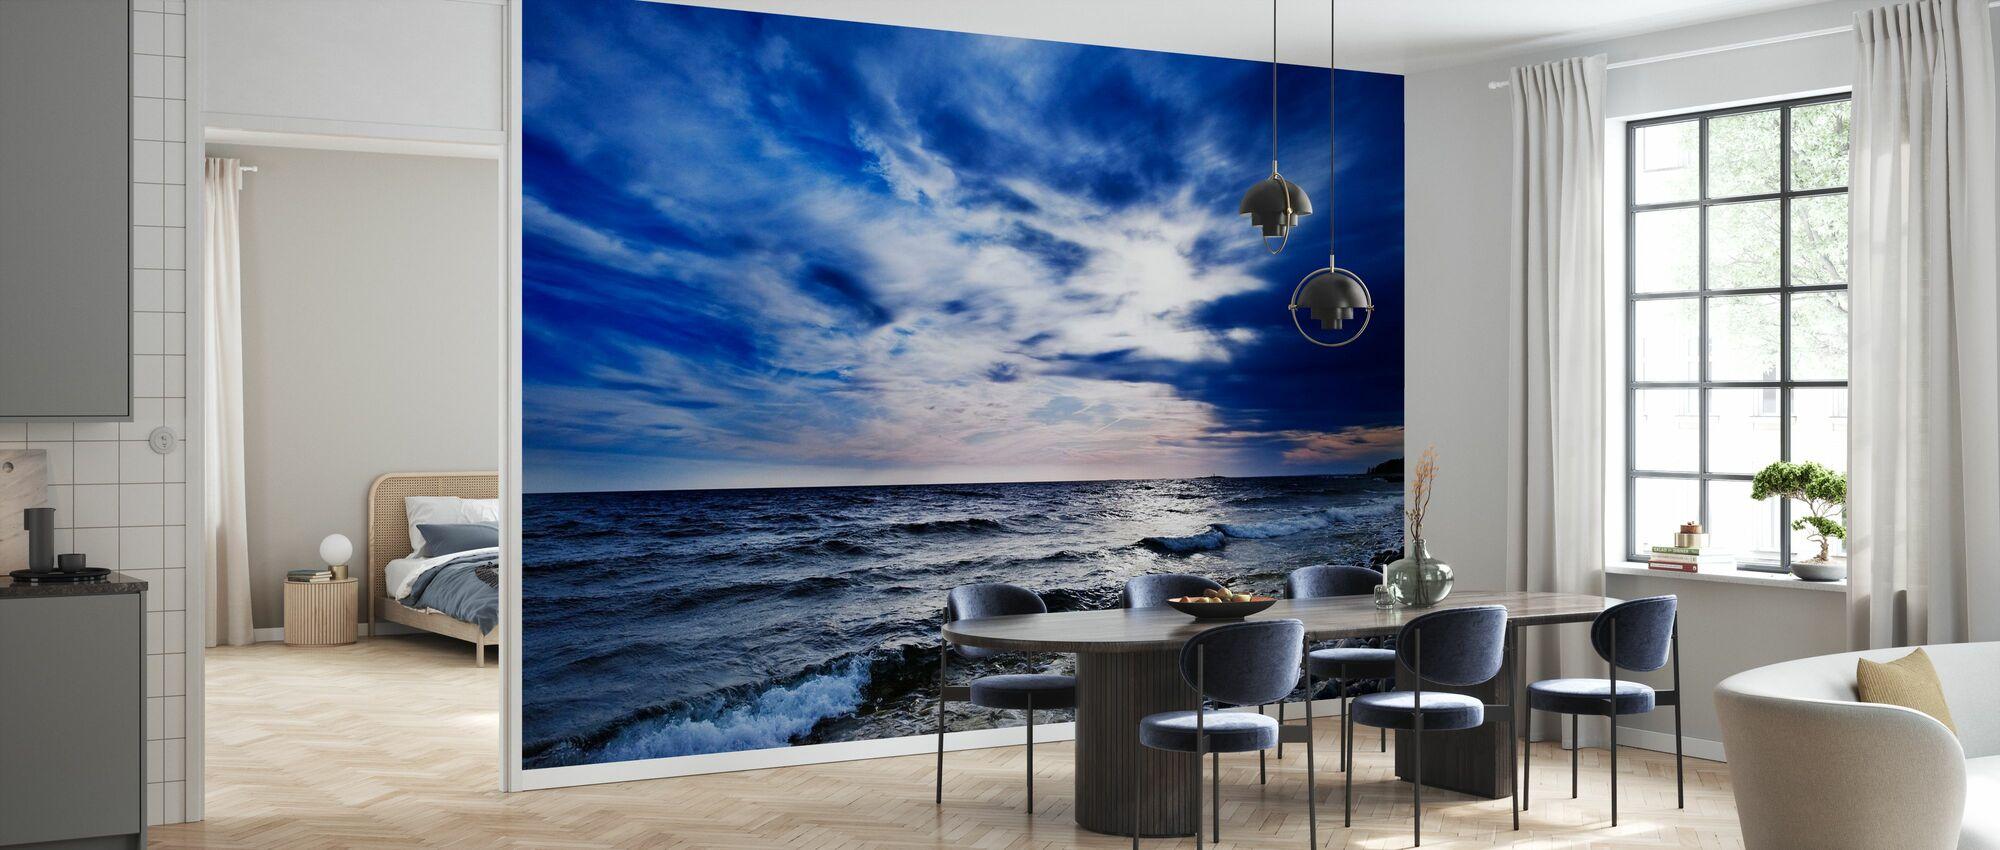 Blue Waves of Torö, Sweden - Wallpaper - Kitchen